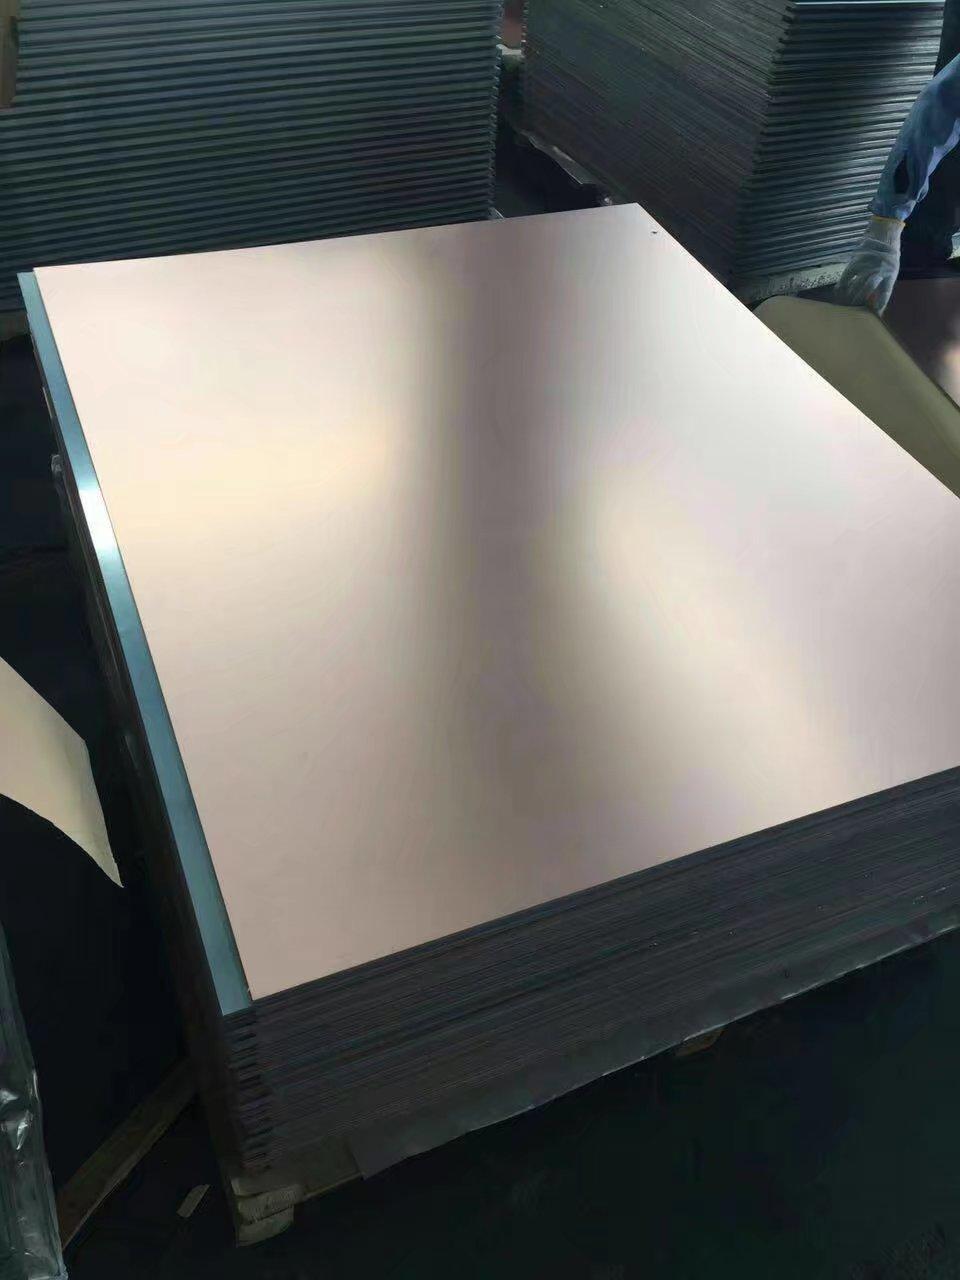 Aluminum Copper clad laminated sheet